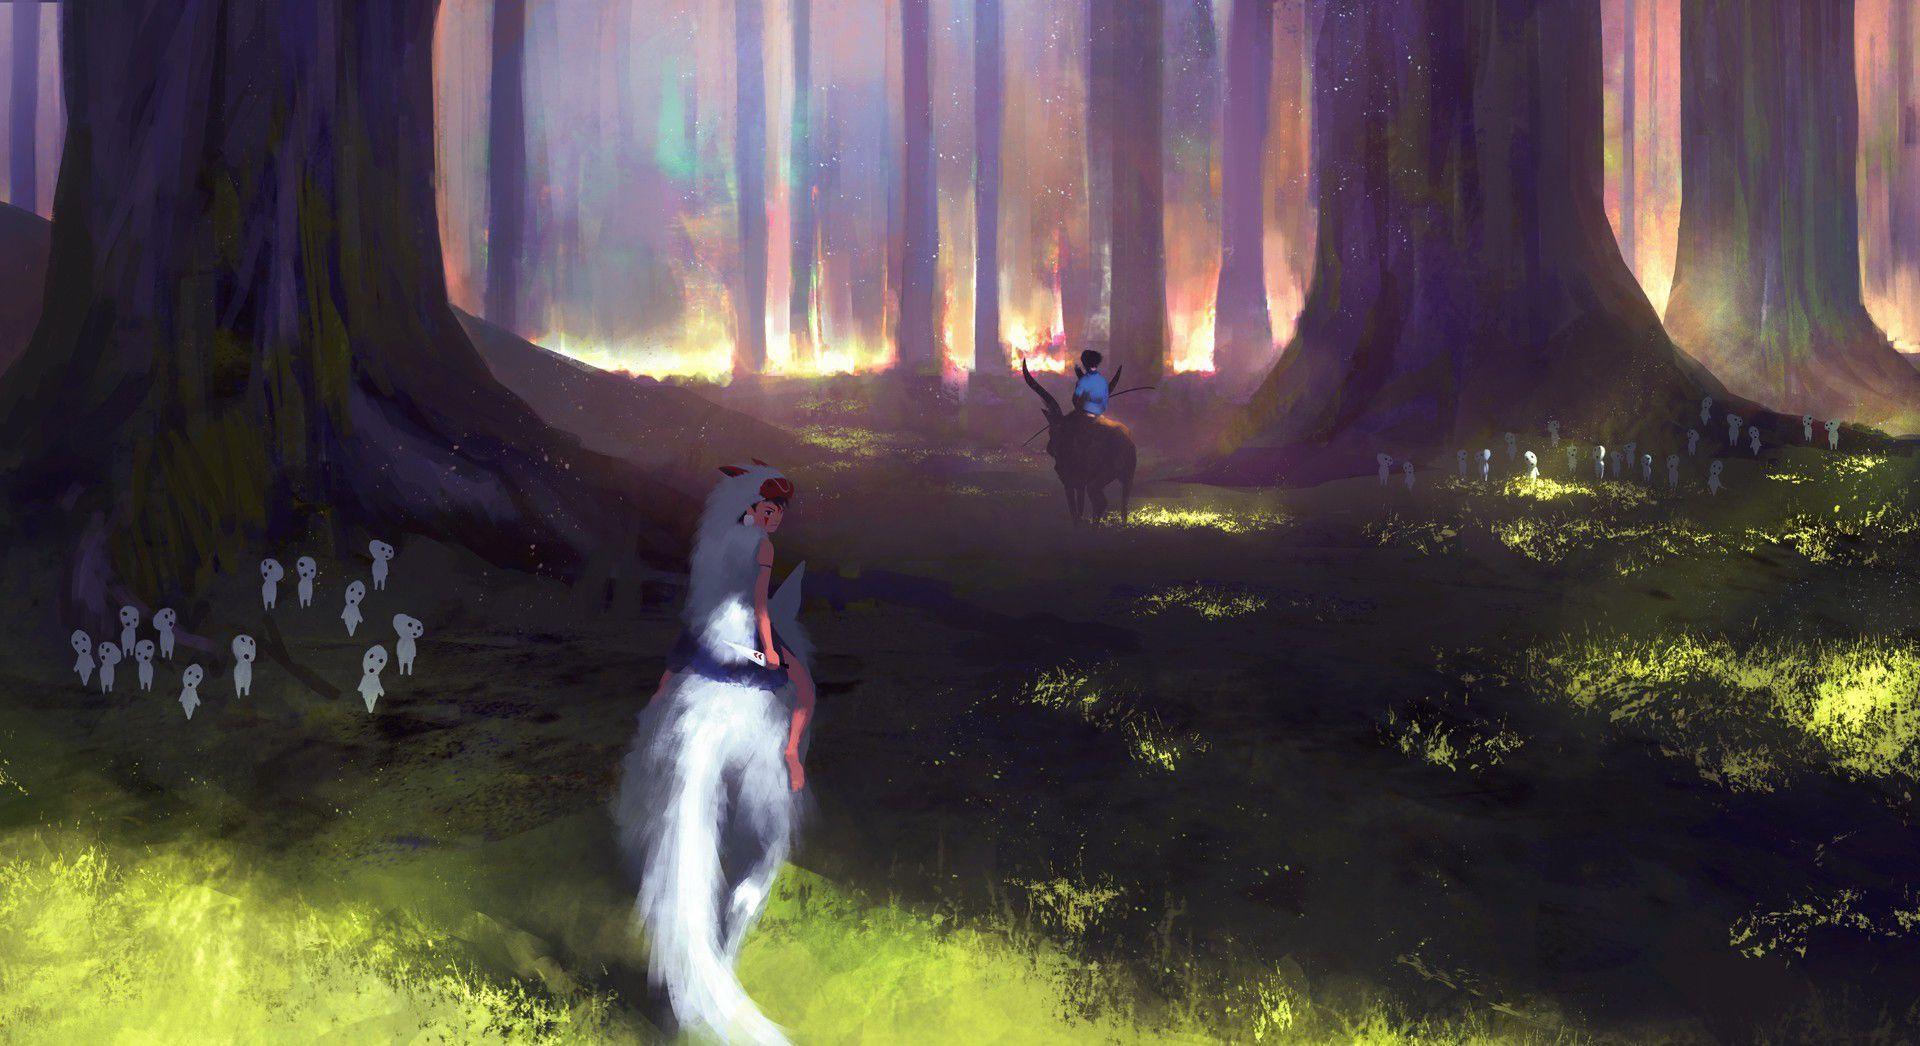 1920x1046 Wallpaper.wiki Free Desktop HD Studio Ghibli Photos Tải xuống PIC